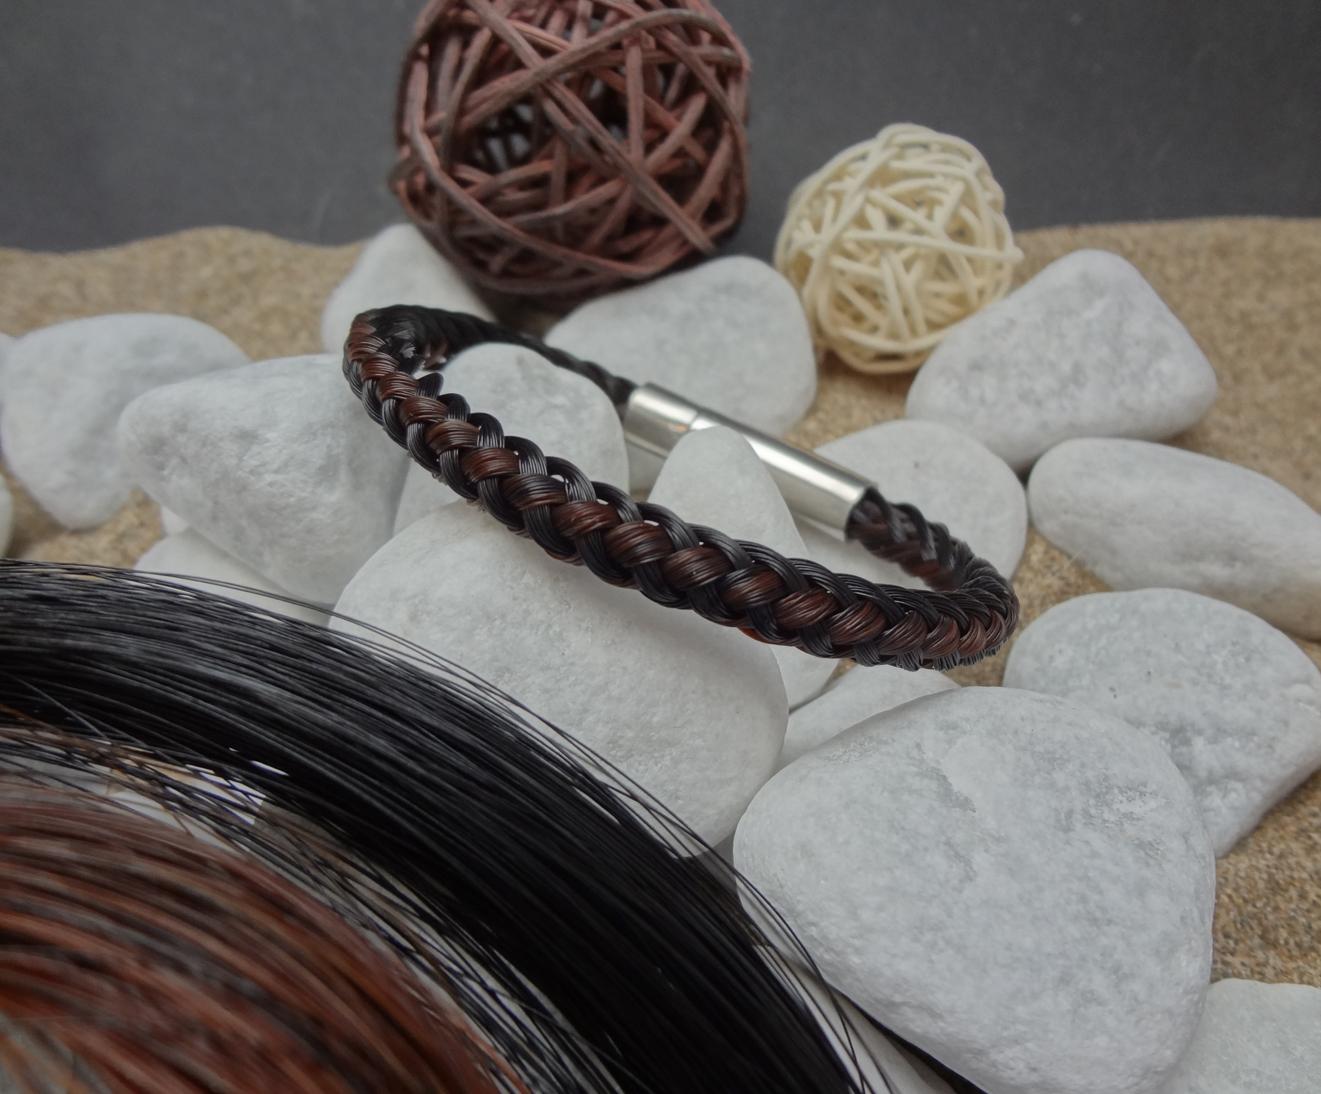 R8-längsstreifen: Rund geflochtenes Pferdehaar-Armband aus 4 schwarzen und 4 braunen Strängen, mit Edelstahl-Hebeldruckverschluss - Preis: 54 Euro